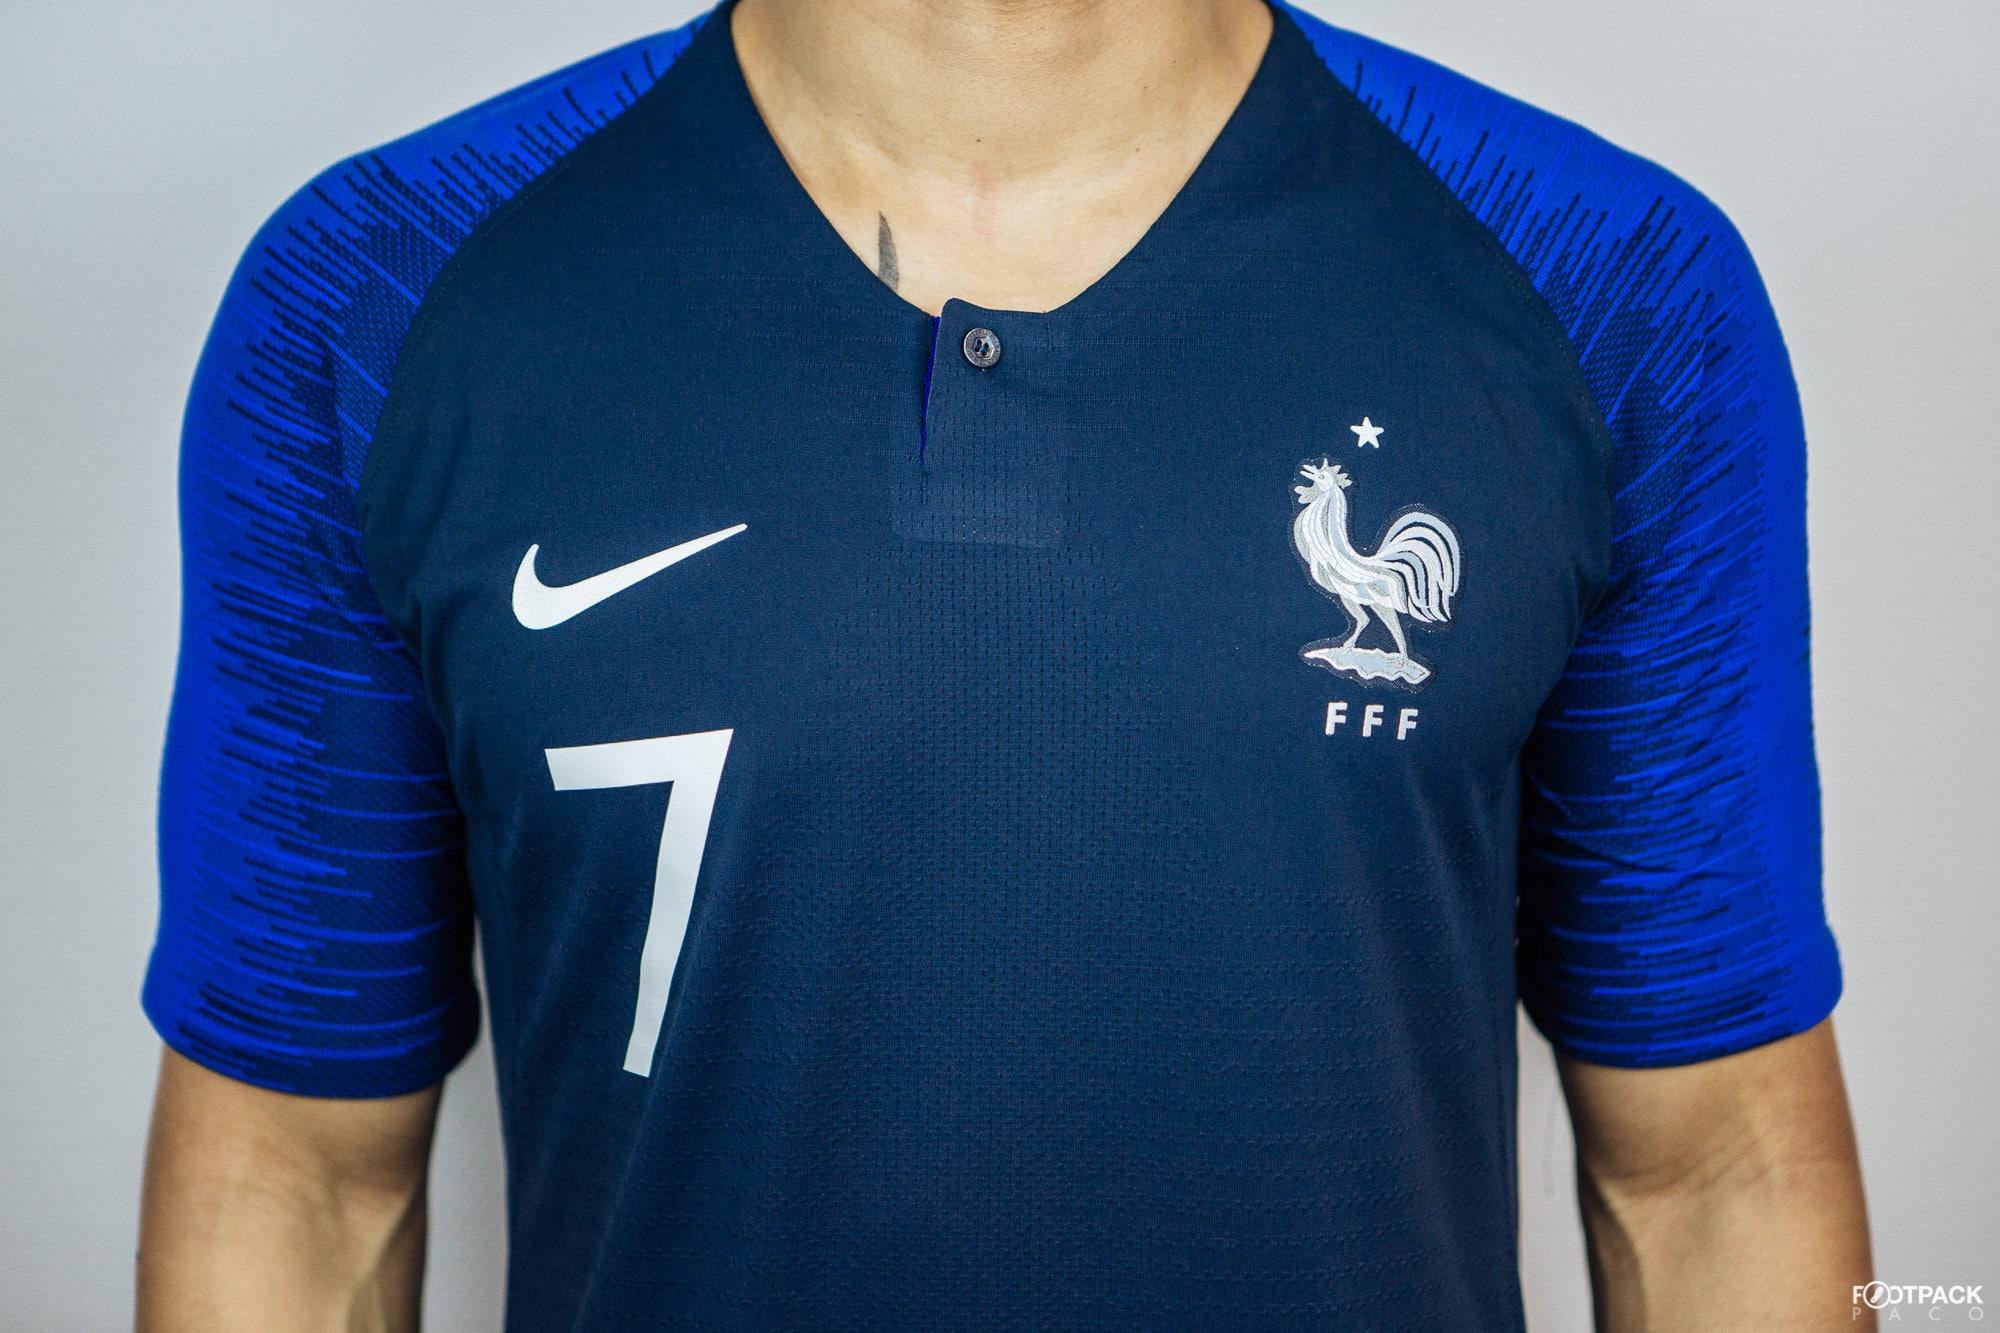 90c67fc18f721 Pourquoi les numéros des joueurs de l'équipe de France étaient floqués dans  l'axe sur le devant du maillot ?